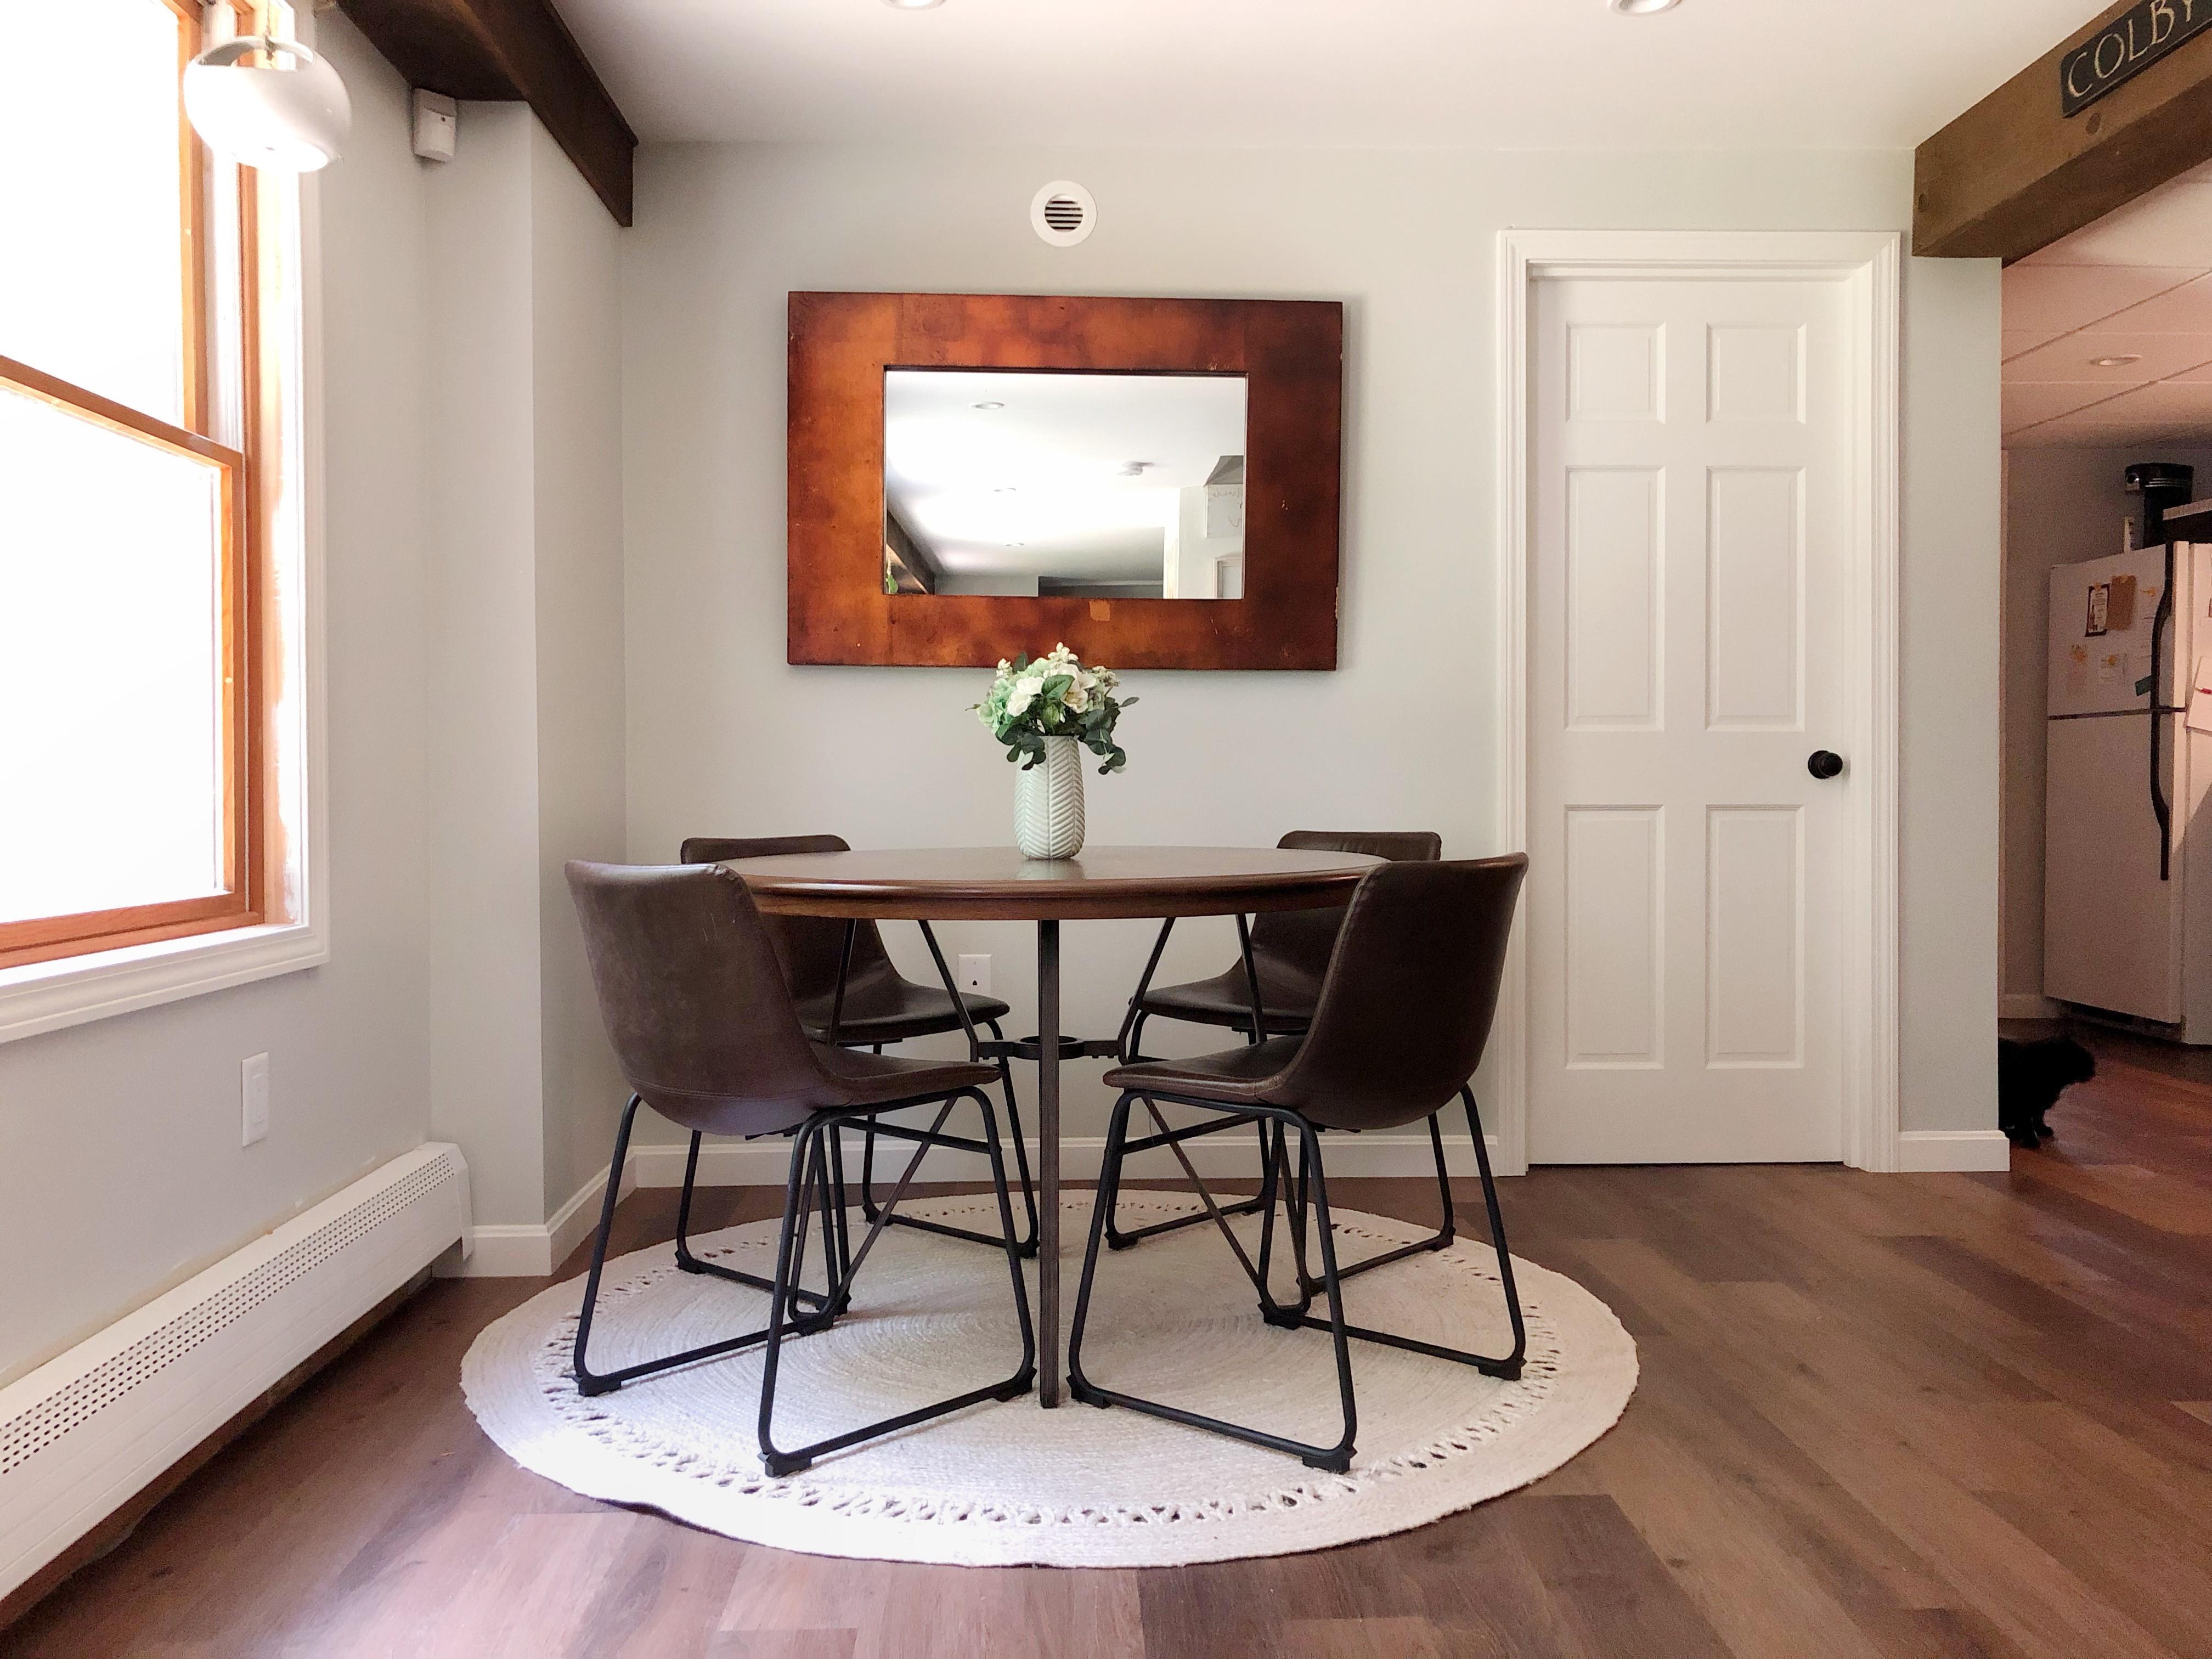 Full-Service Interior Design